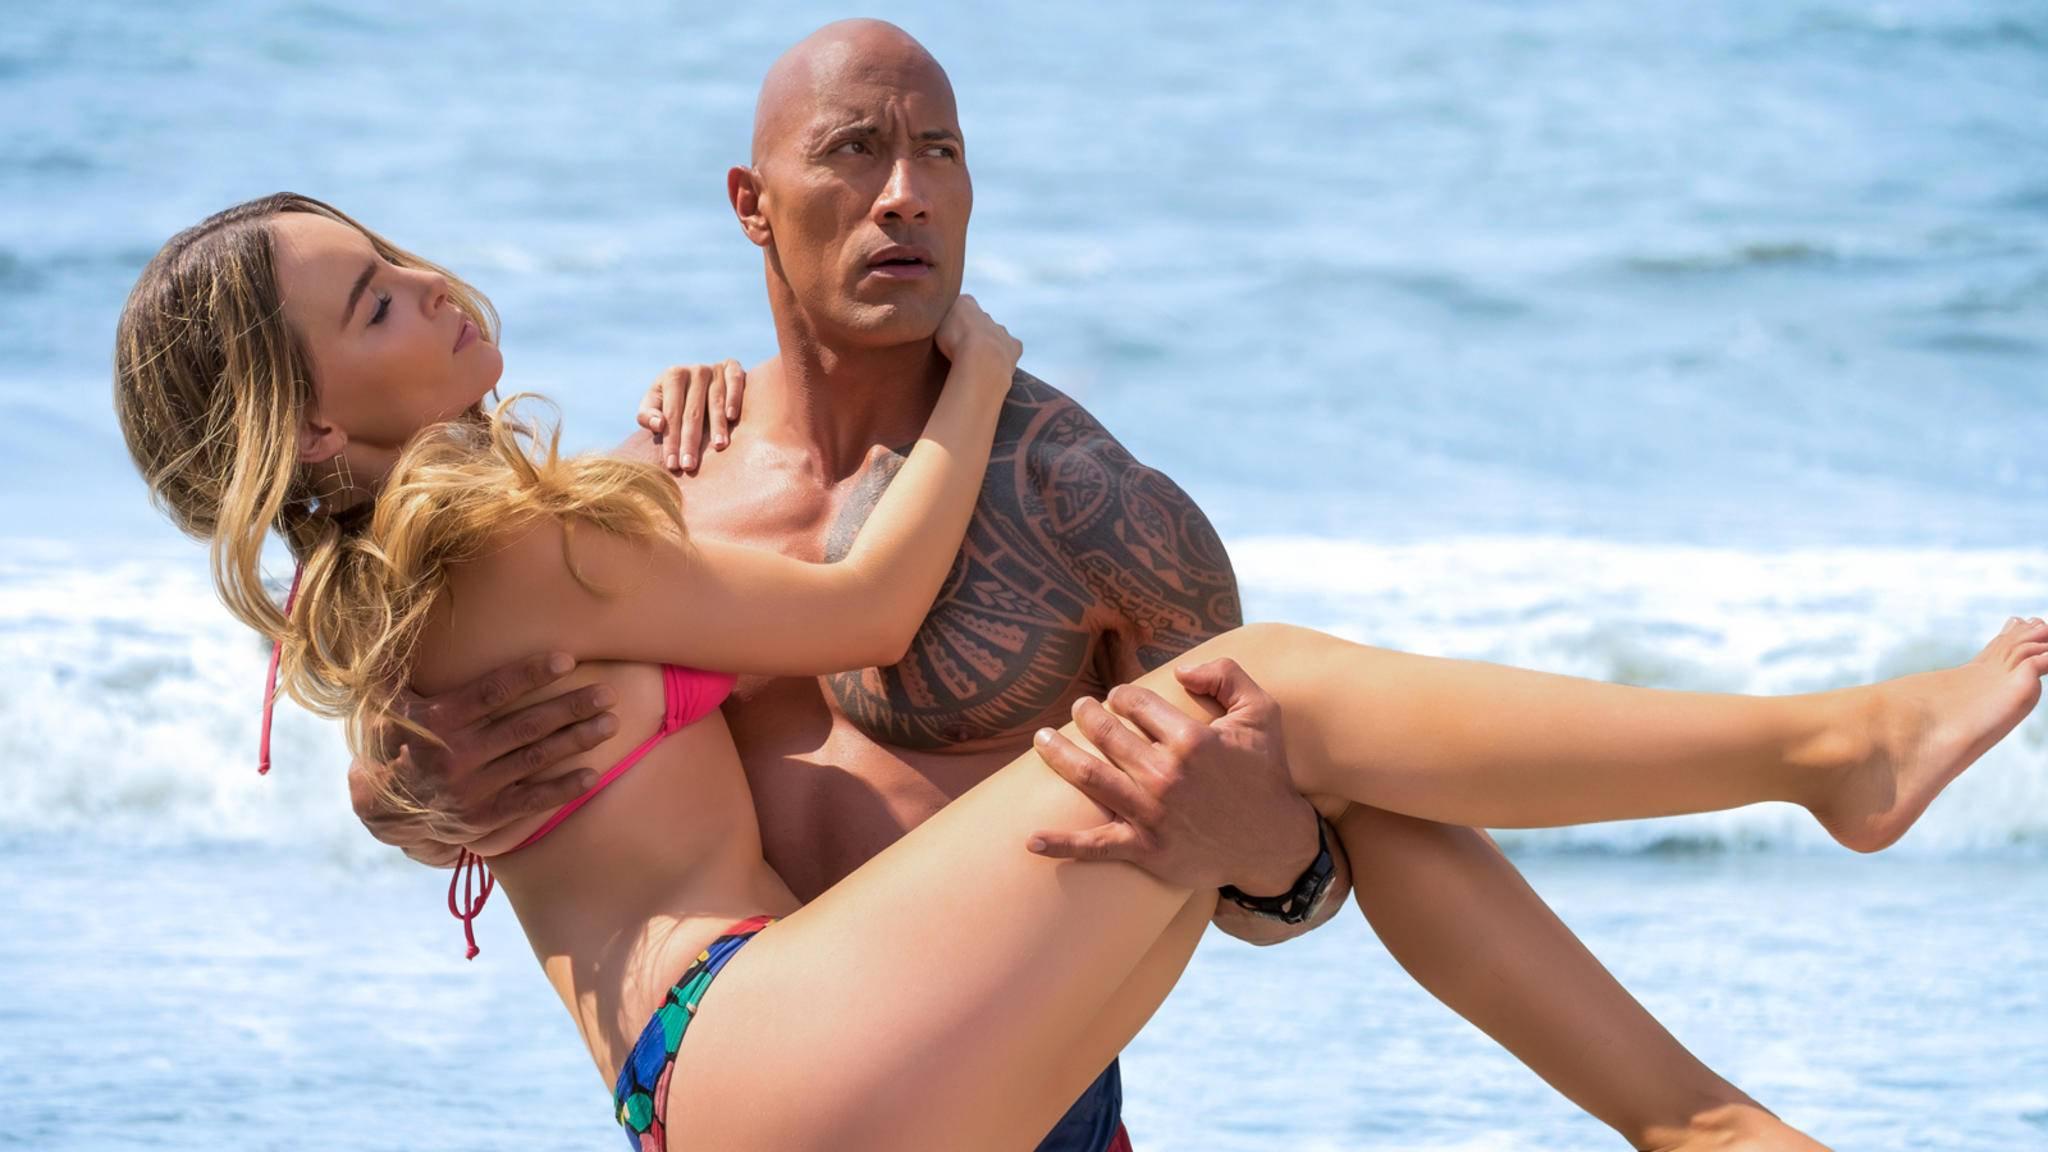 """Dank """"Baywatch"""" ging Dwayne Johnson in schlechten Kritiken beinahe unter, doch mit viel Humor hielt sich der Schauspieler immer über Wasser."""